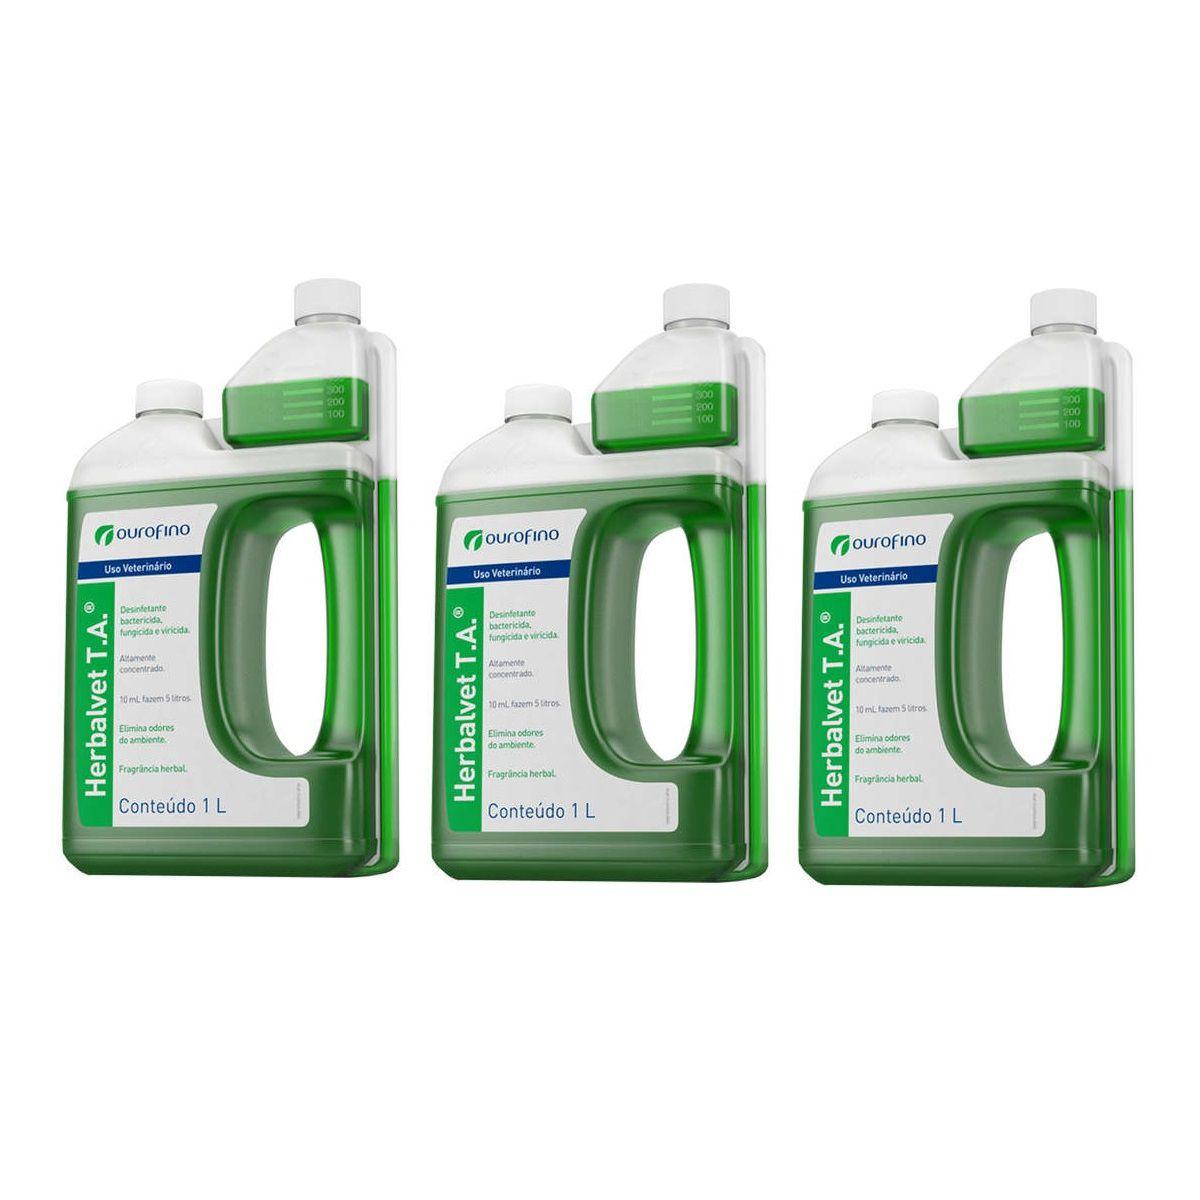 Kit 3 Unidades Desinfetante Herbalvet T.A. (1 litro) - Ourofino